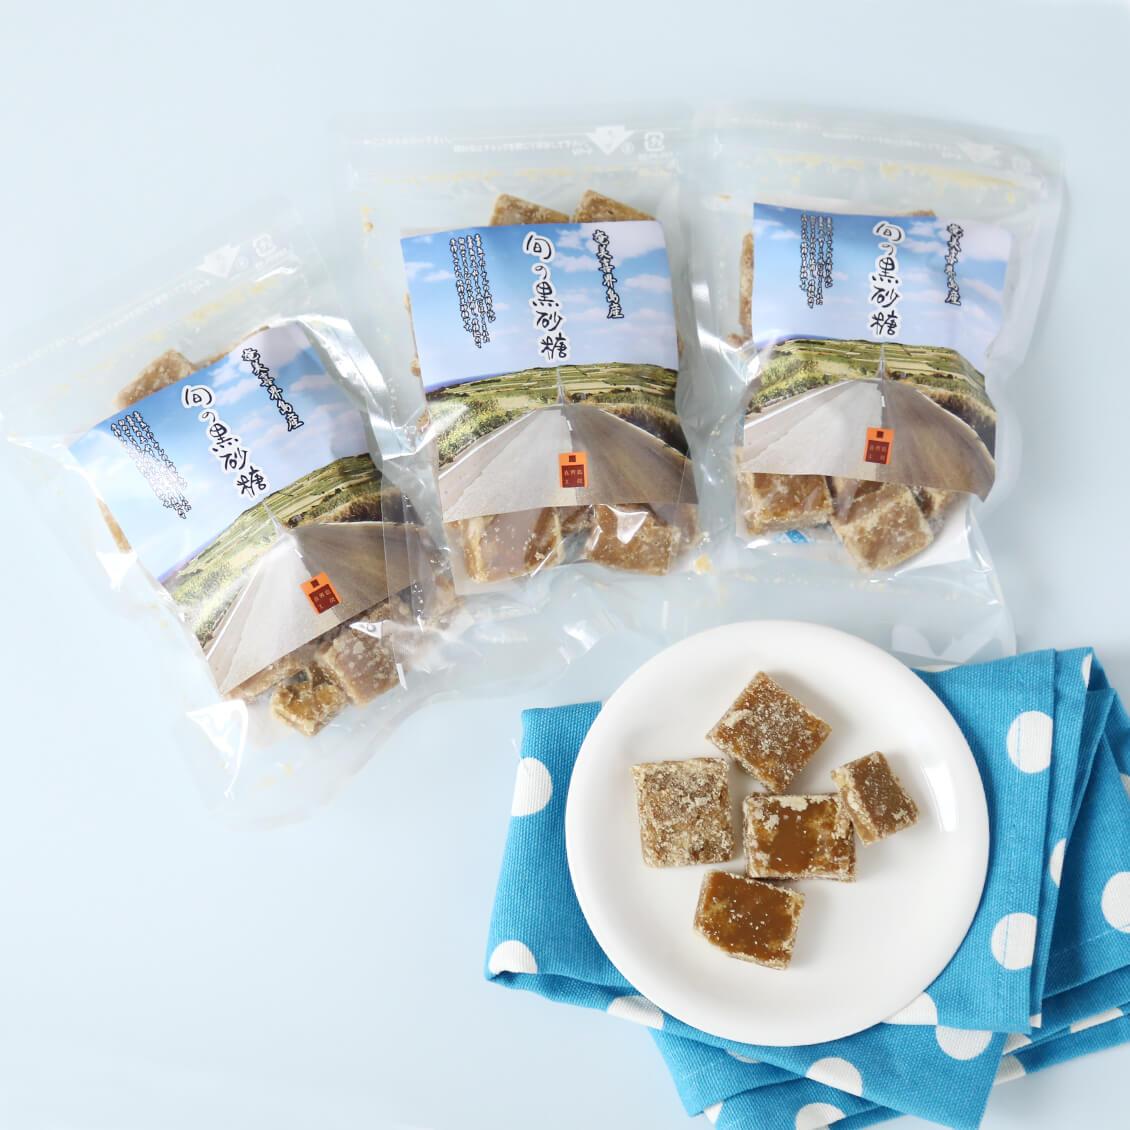 喜界島白ごまと杉俣絋二朗さんの旬の黒砂糖セット 白ごま 50g3袋 黒砂糖 130g3袋